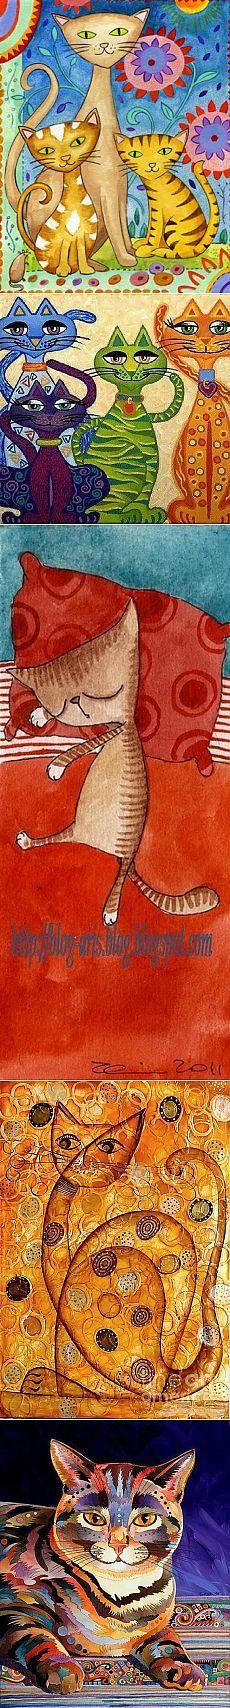 Кошки для батика                                                                                                                                                                                 More